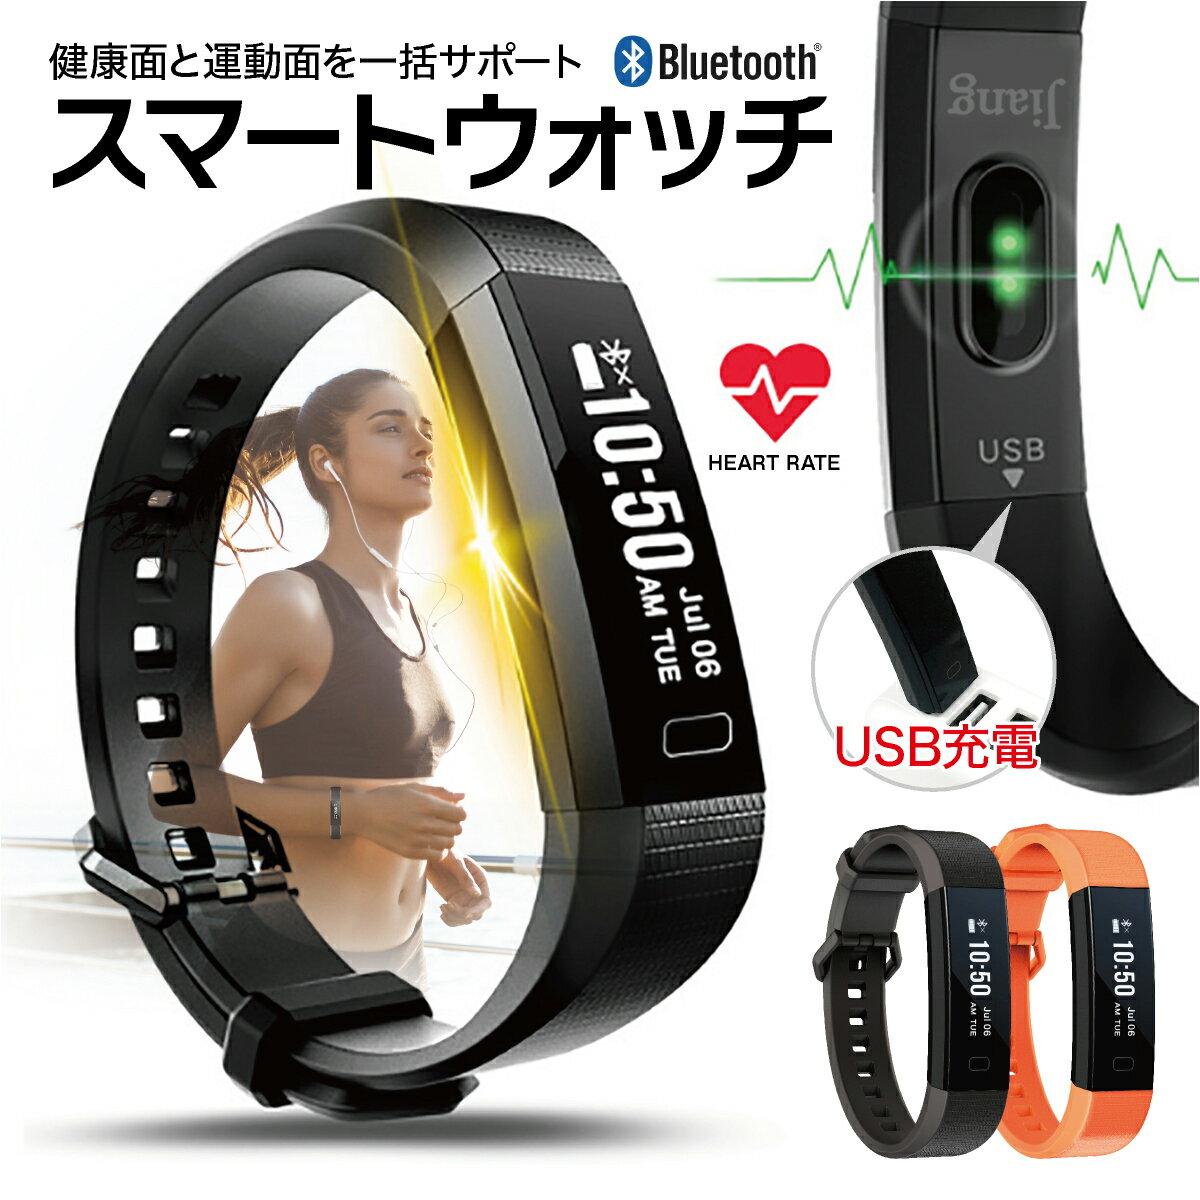 スマートウォッチ iphone 対応 android 対応 line 血圧 防水 日本語 血圧測定 心拍計 歩数計 IP67防水 スマートブレスレット レディース sb-y11